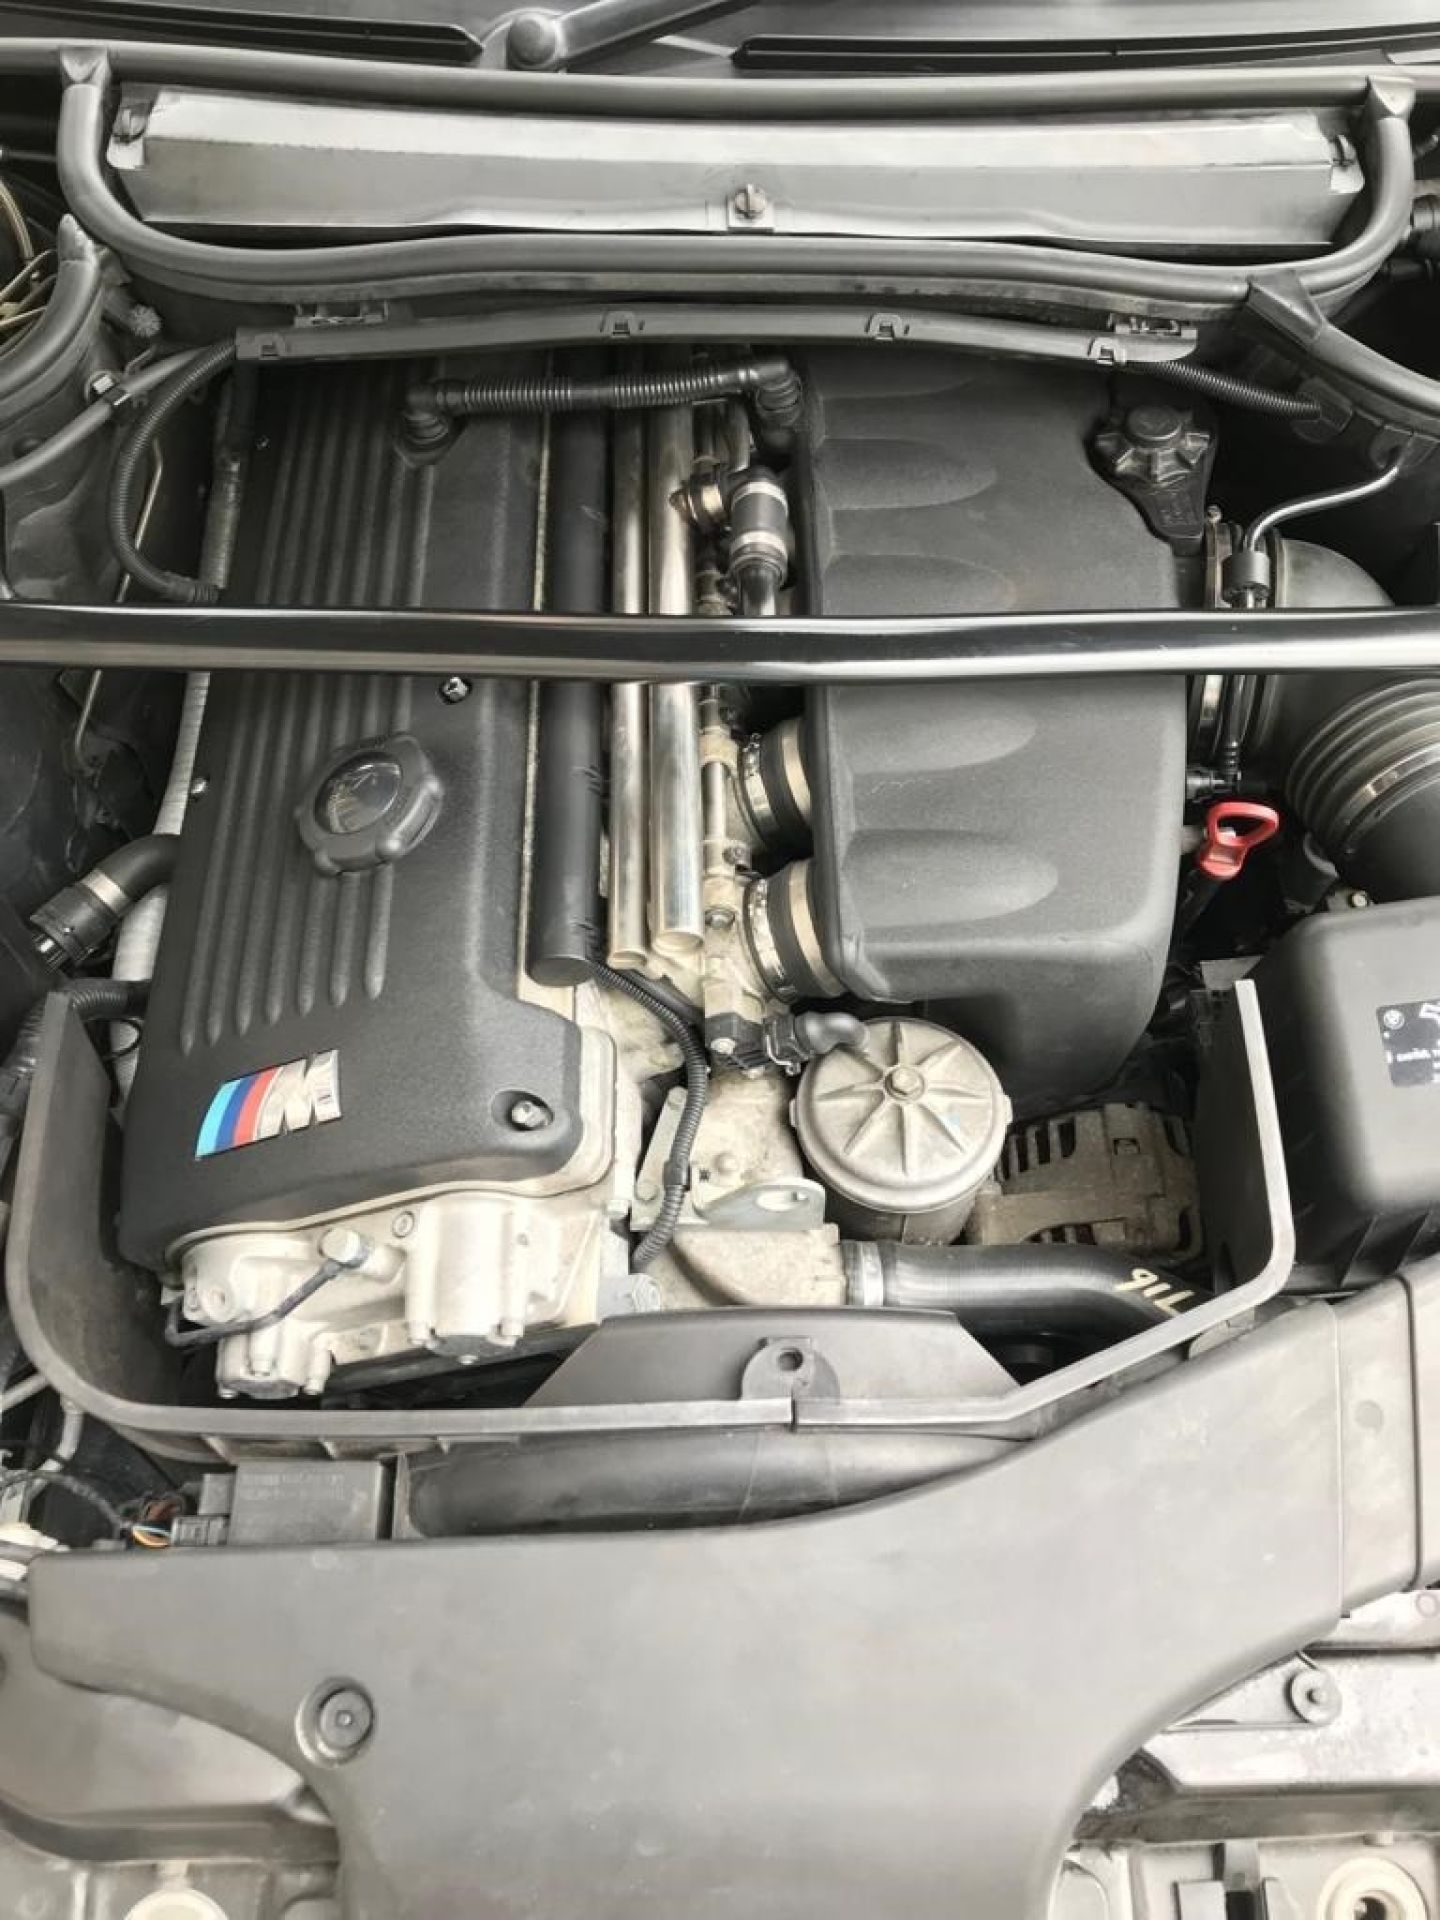 2004 BMW E46 M3 Convertible SMG